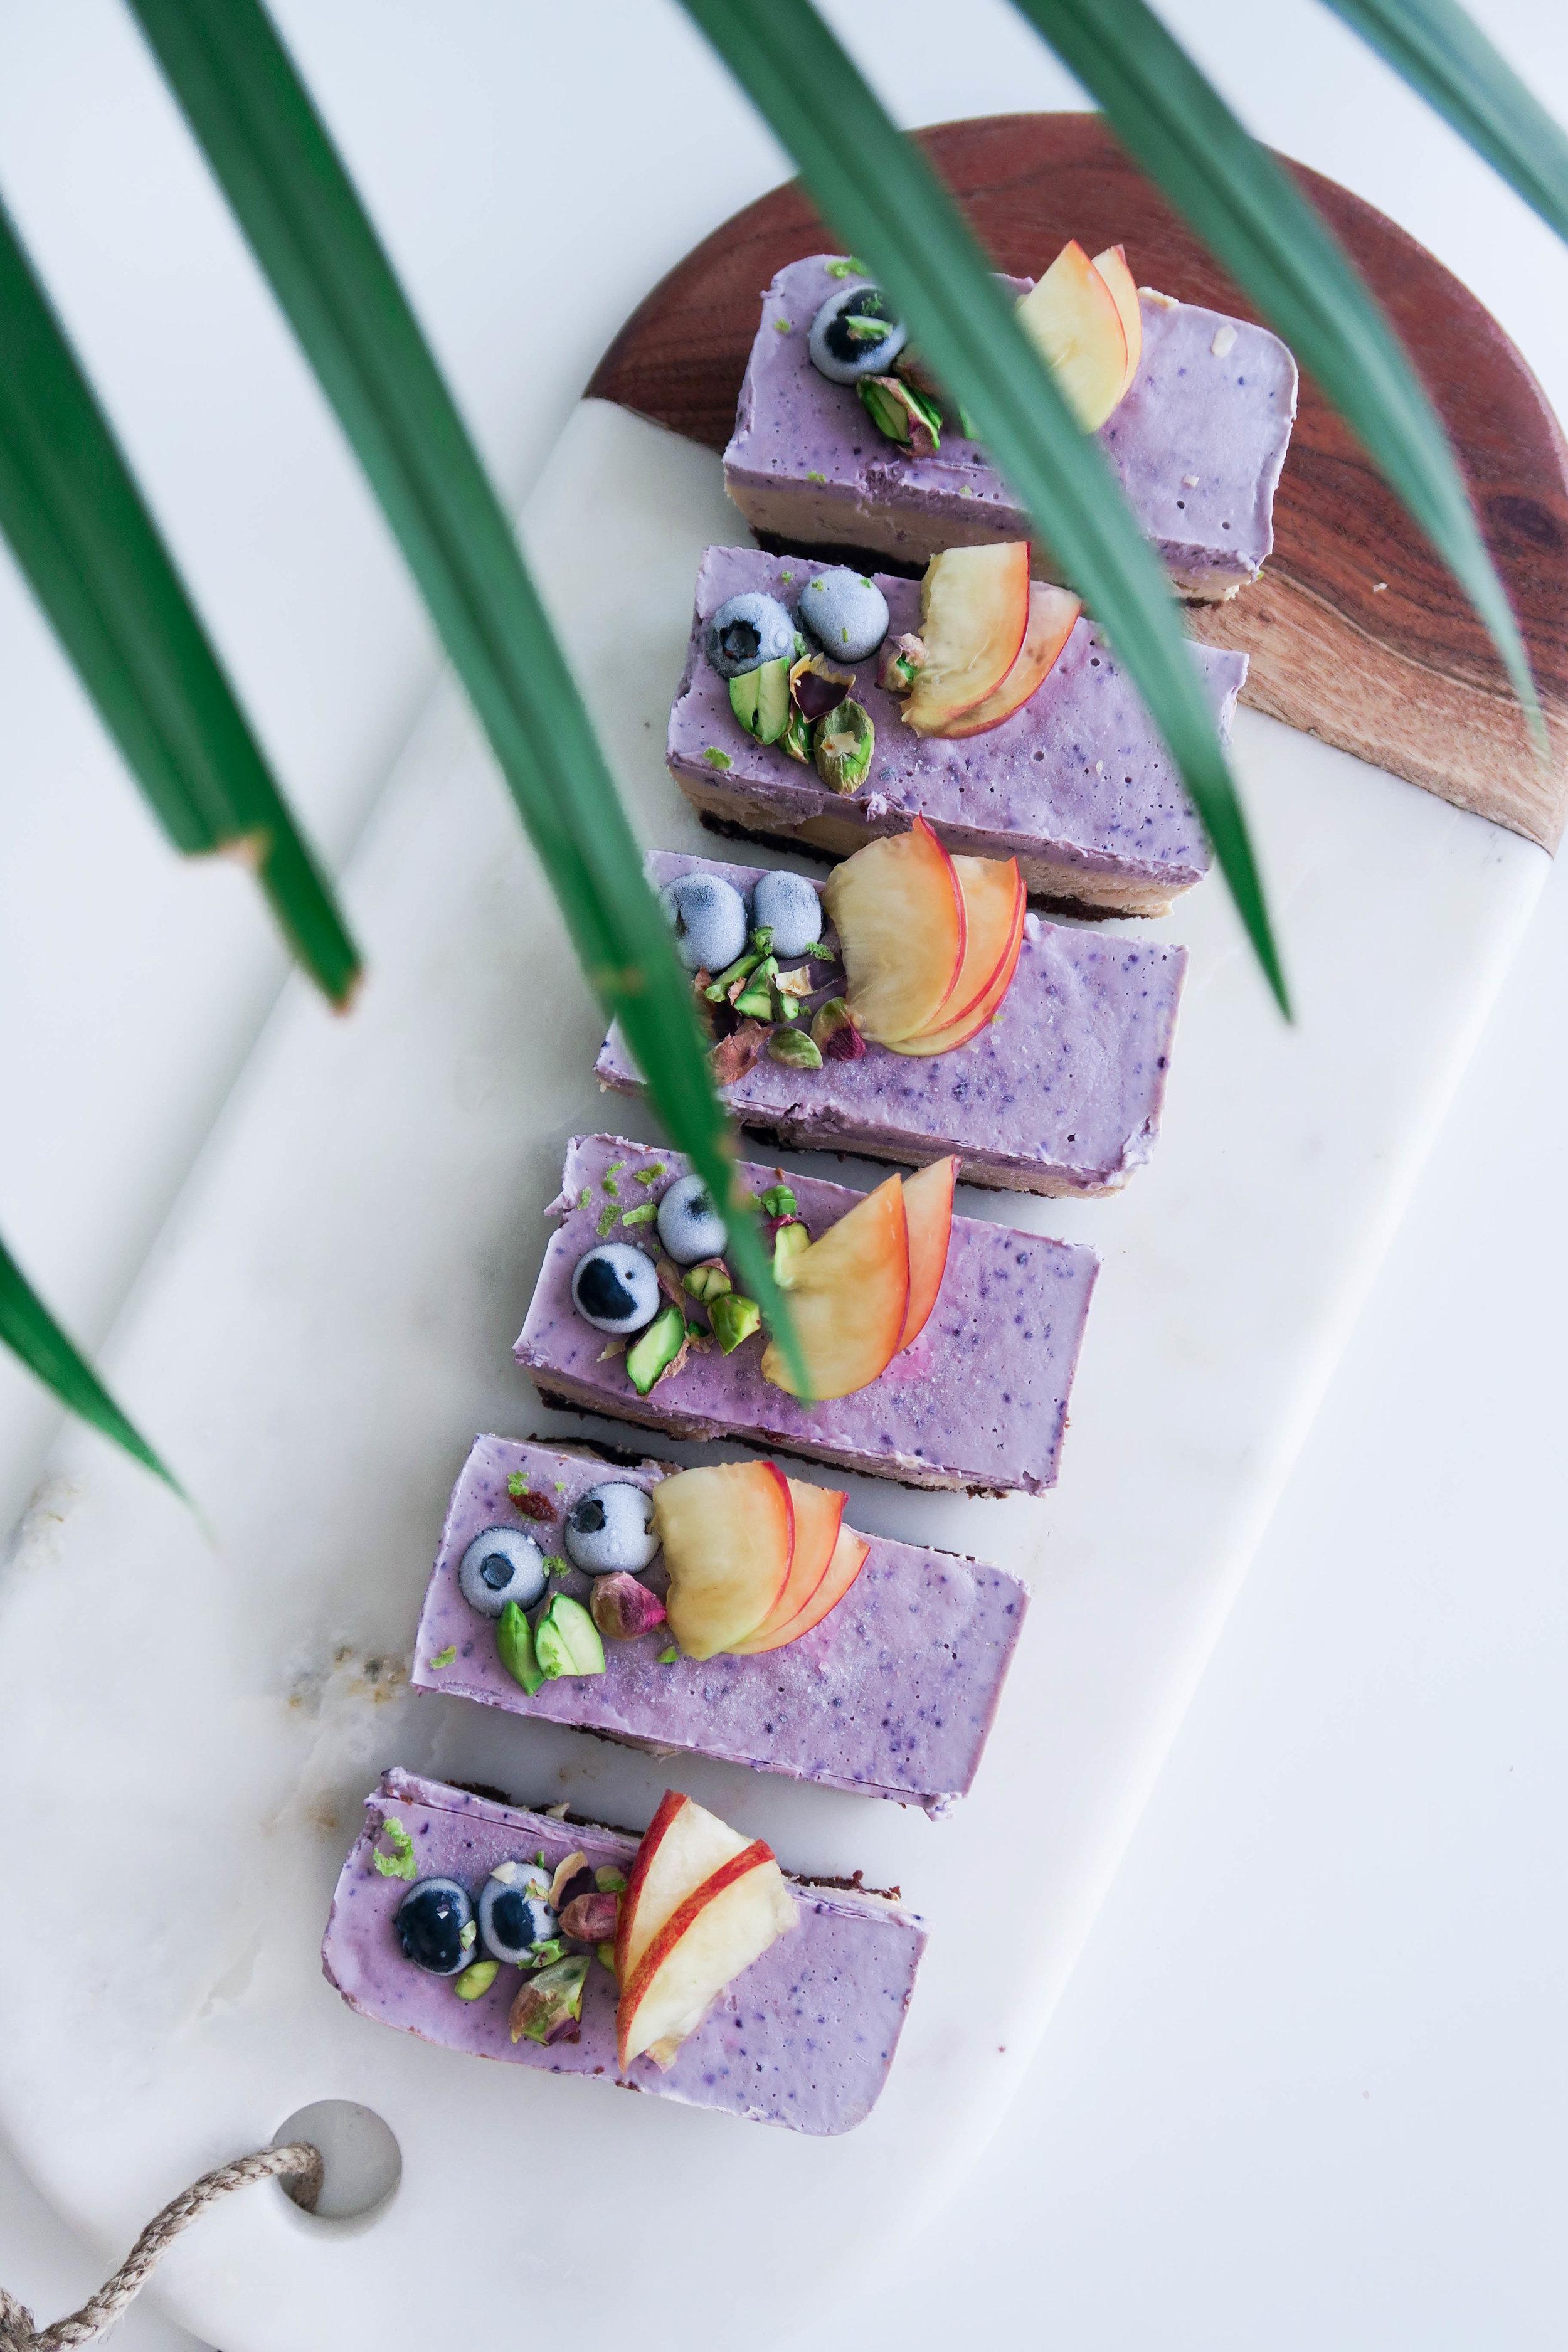 Raw blueberries cheesecake vegan